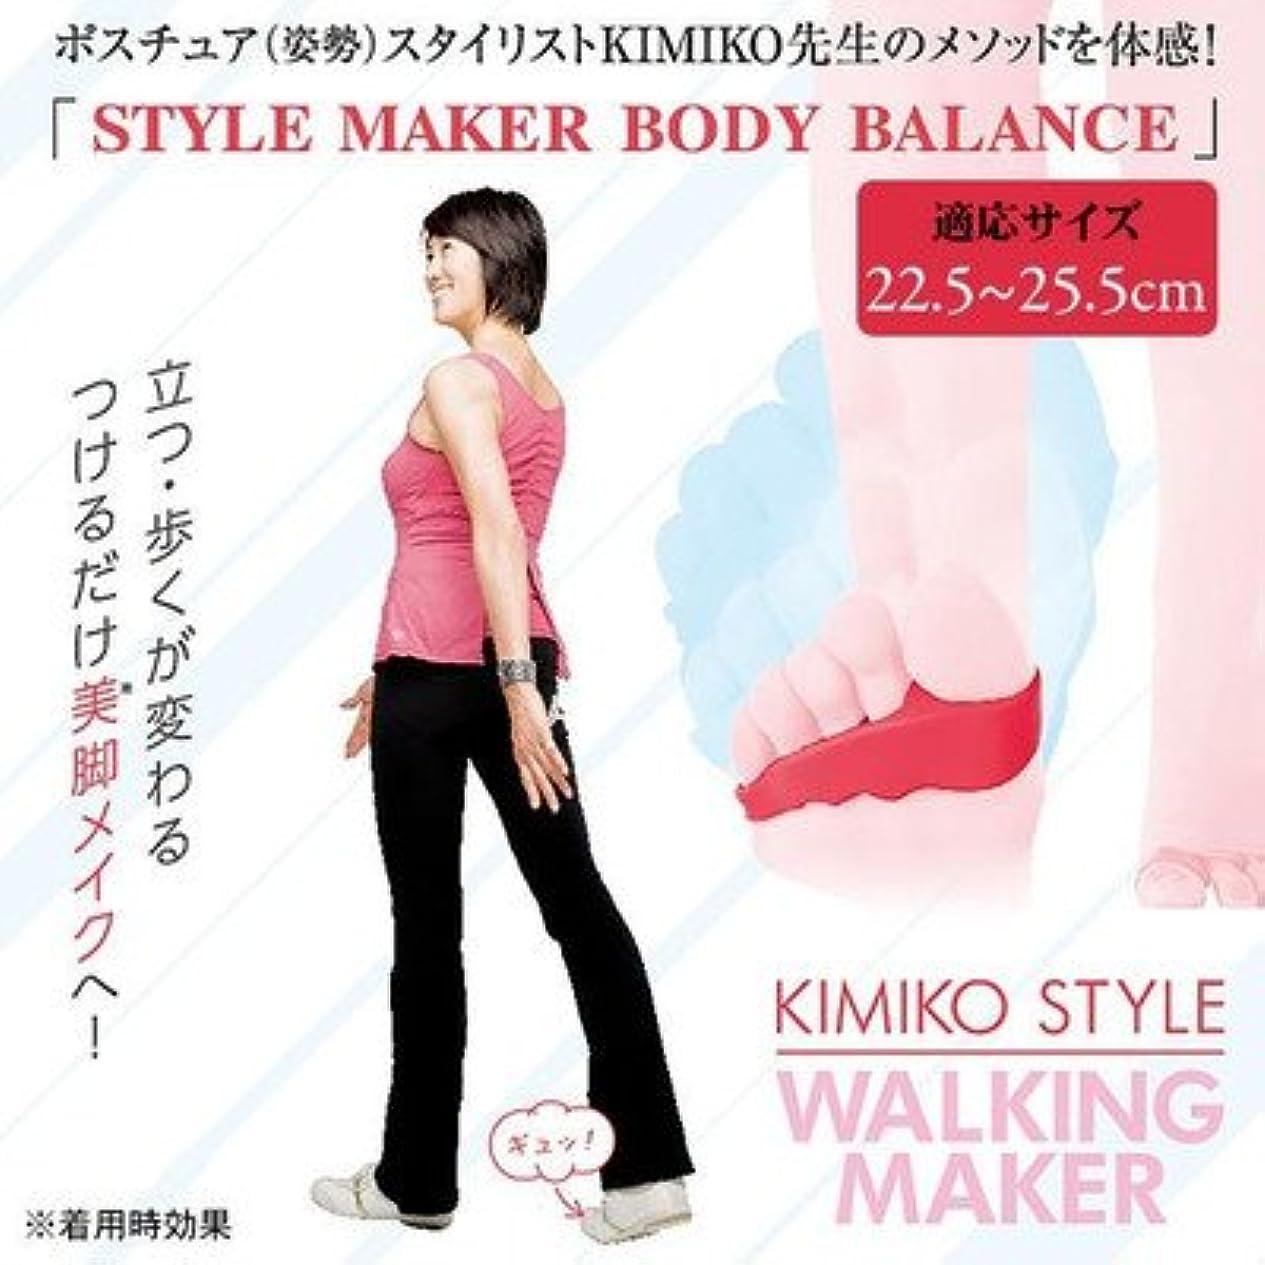 興奮ラベルセンサー付けて歩いて 正しい歩行姿勢へナビゲート KIMIKO STYLE キミコスタイル WALKING MAKER ウォーキングメーカー 1足入